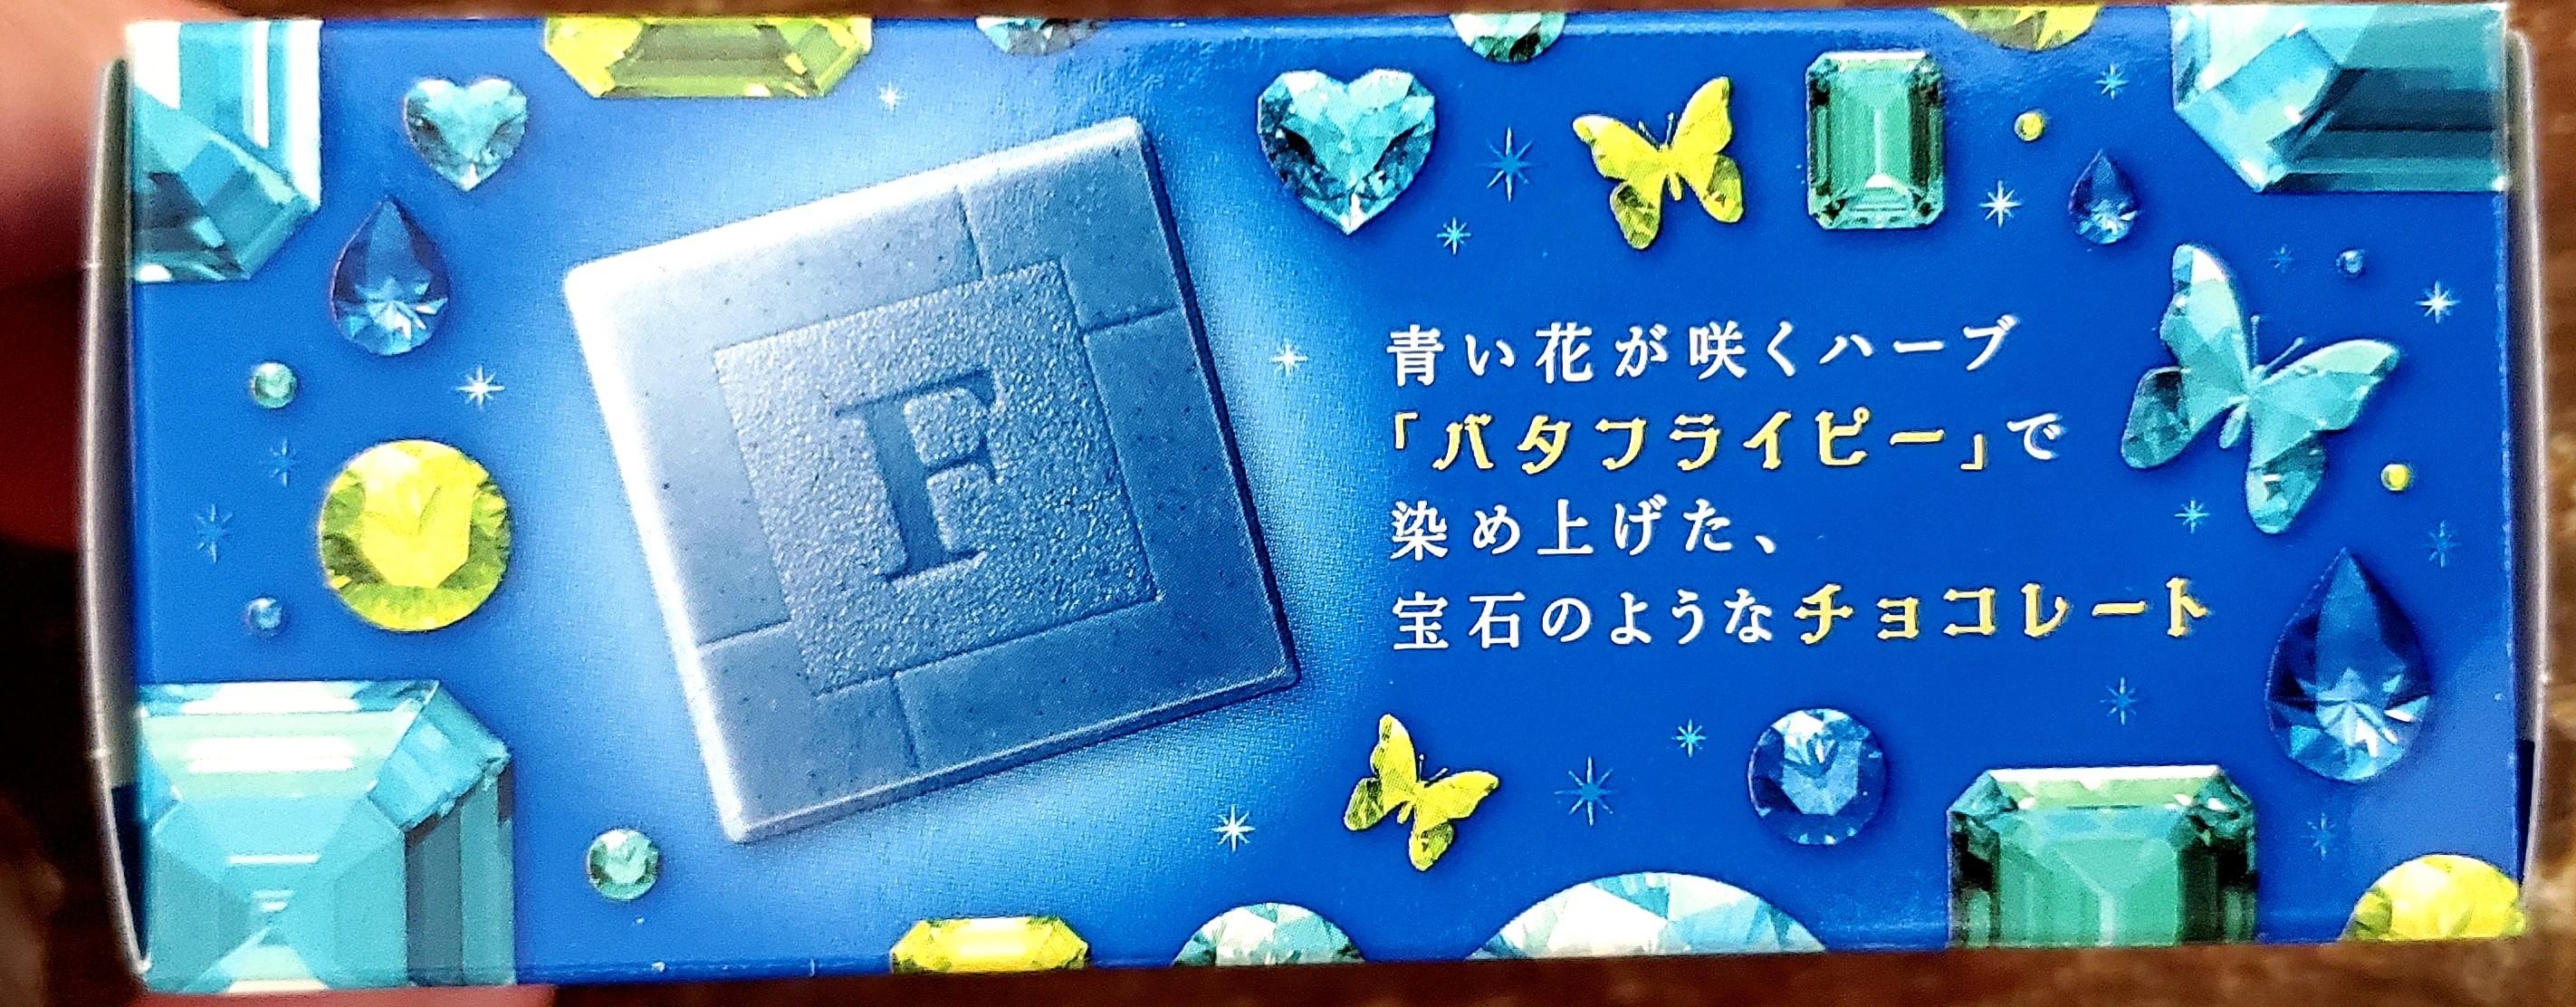 宝石 ルック 青い